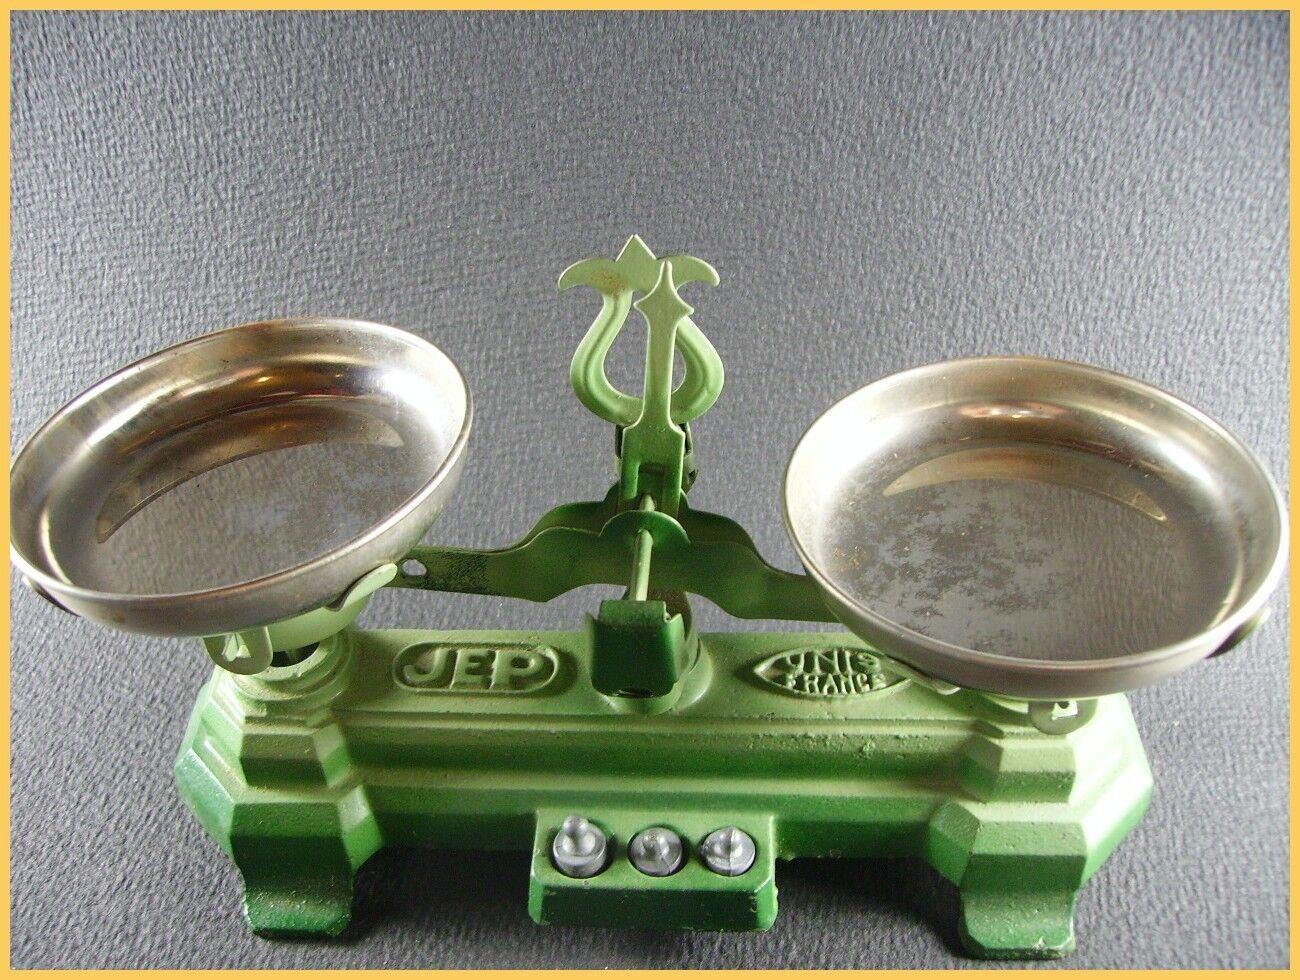 tienda Ehd     Unis Francia  Balanza Roberval (Antique Juguete )  venderse como panqueques